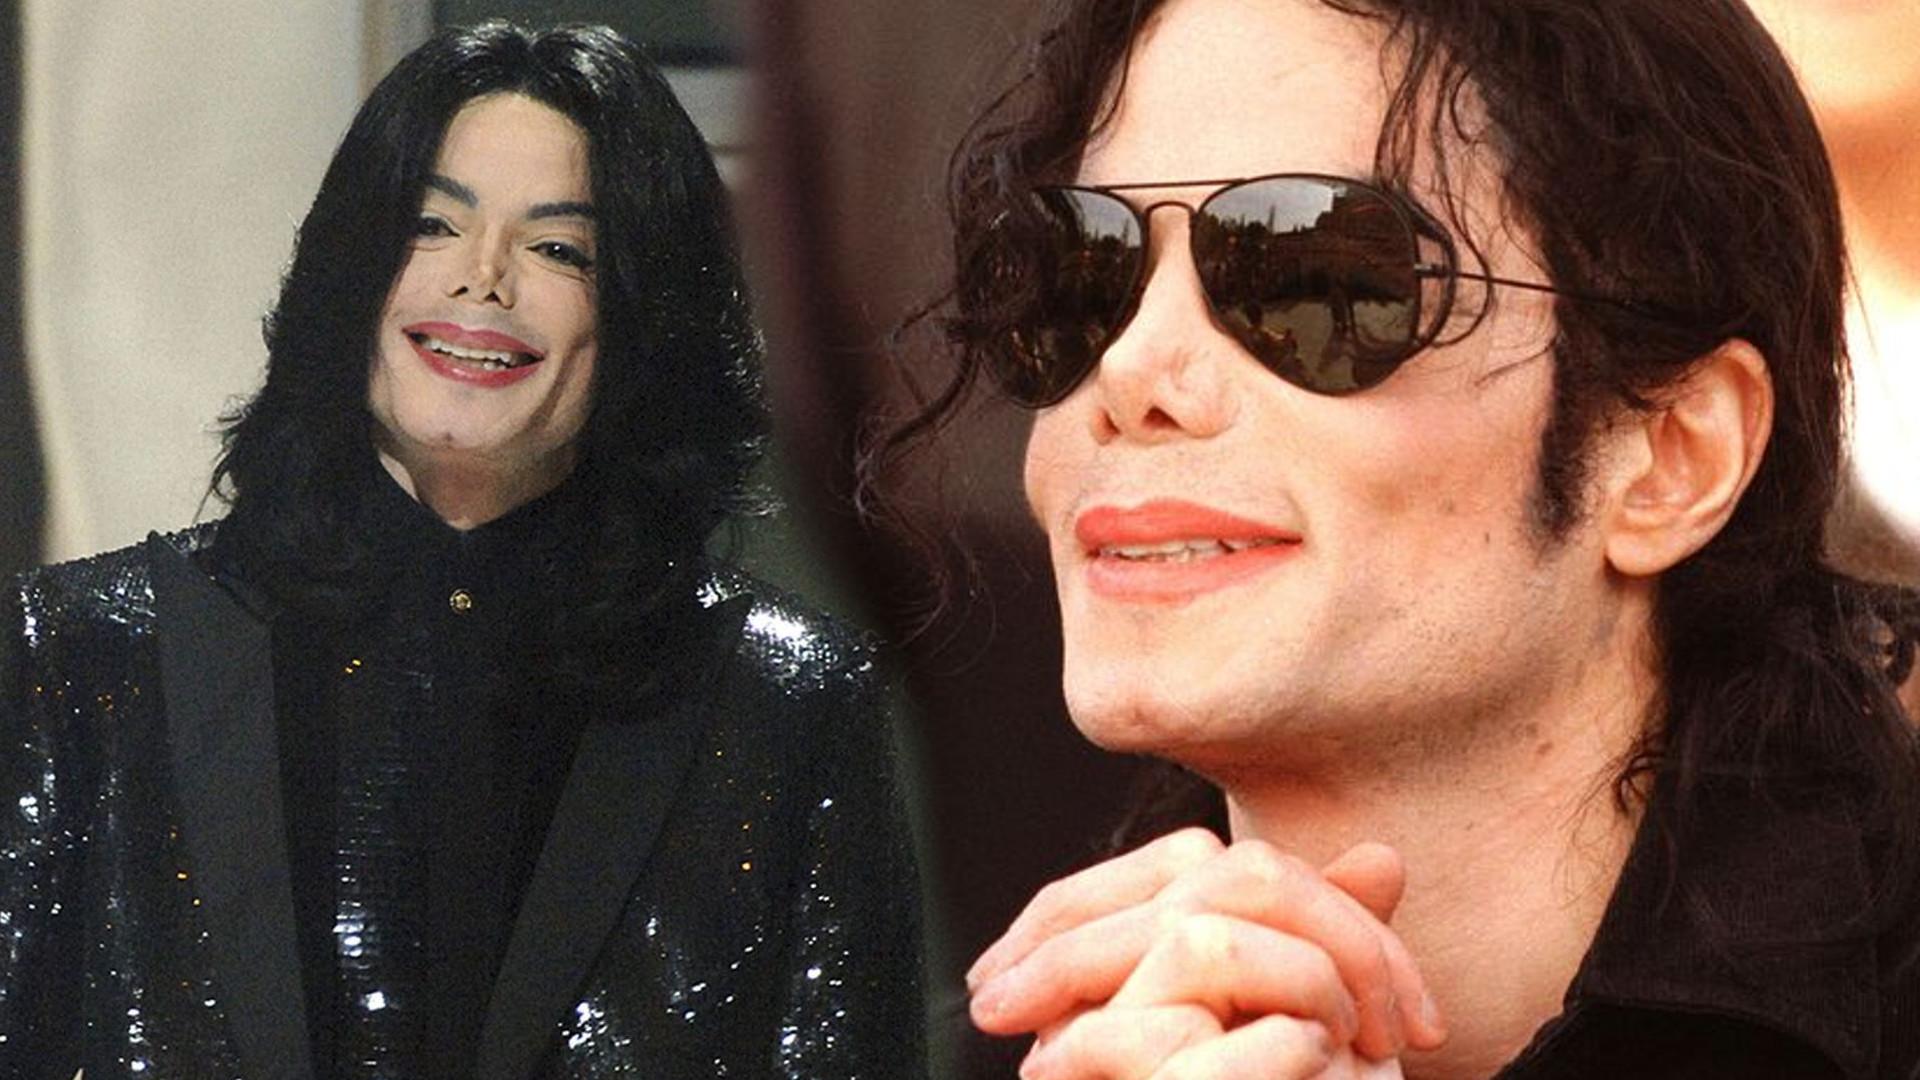 Grupa hakerów Anonymous ujawniła szczegóły na temat śmierci Michaela Jacksona